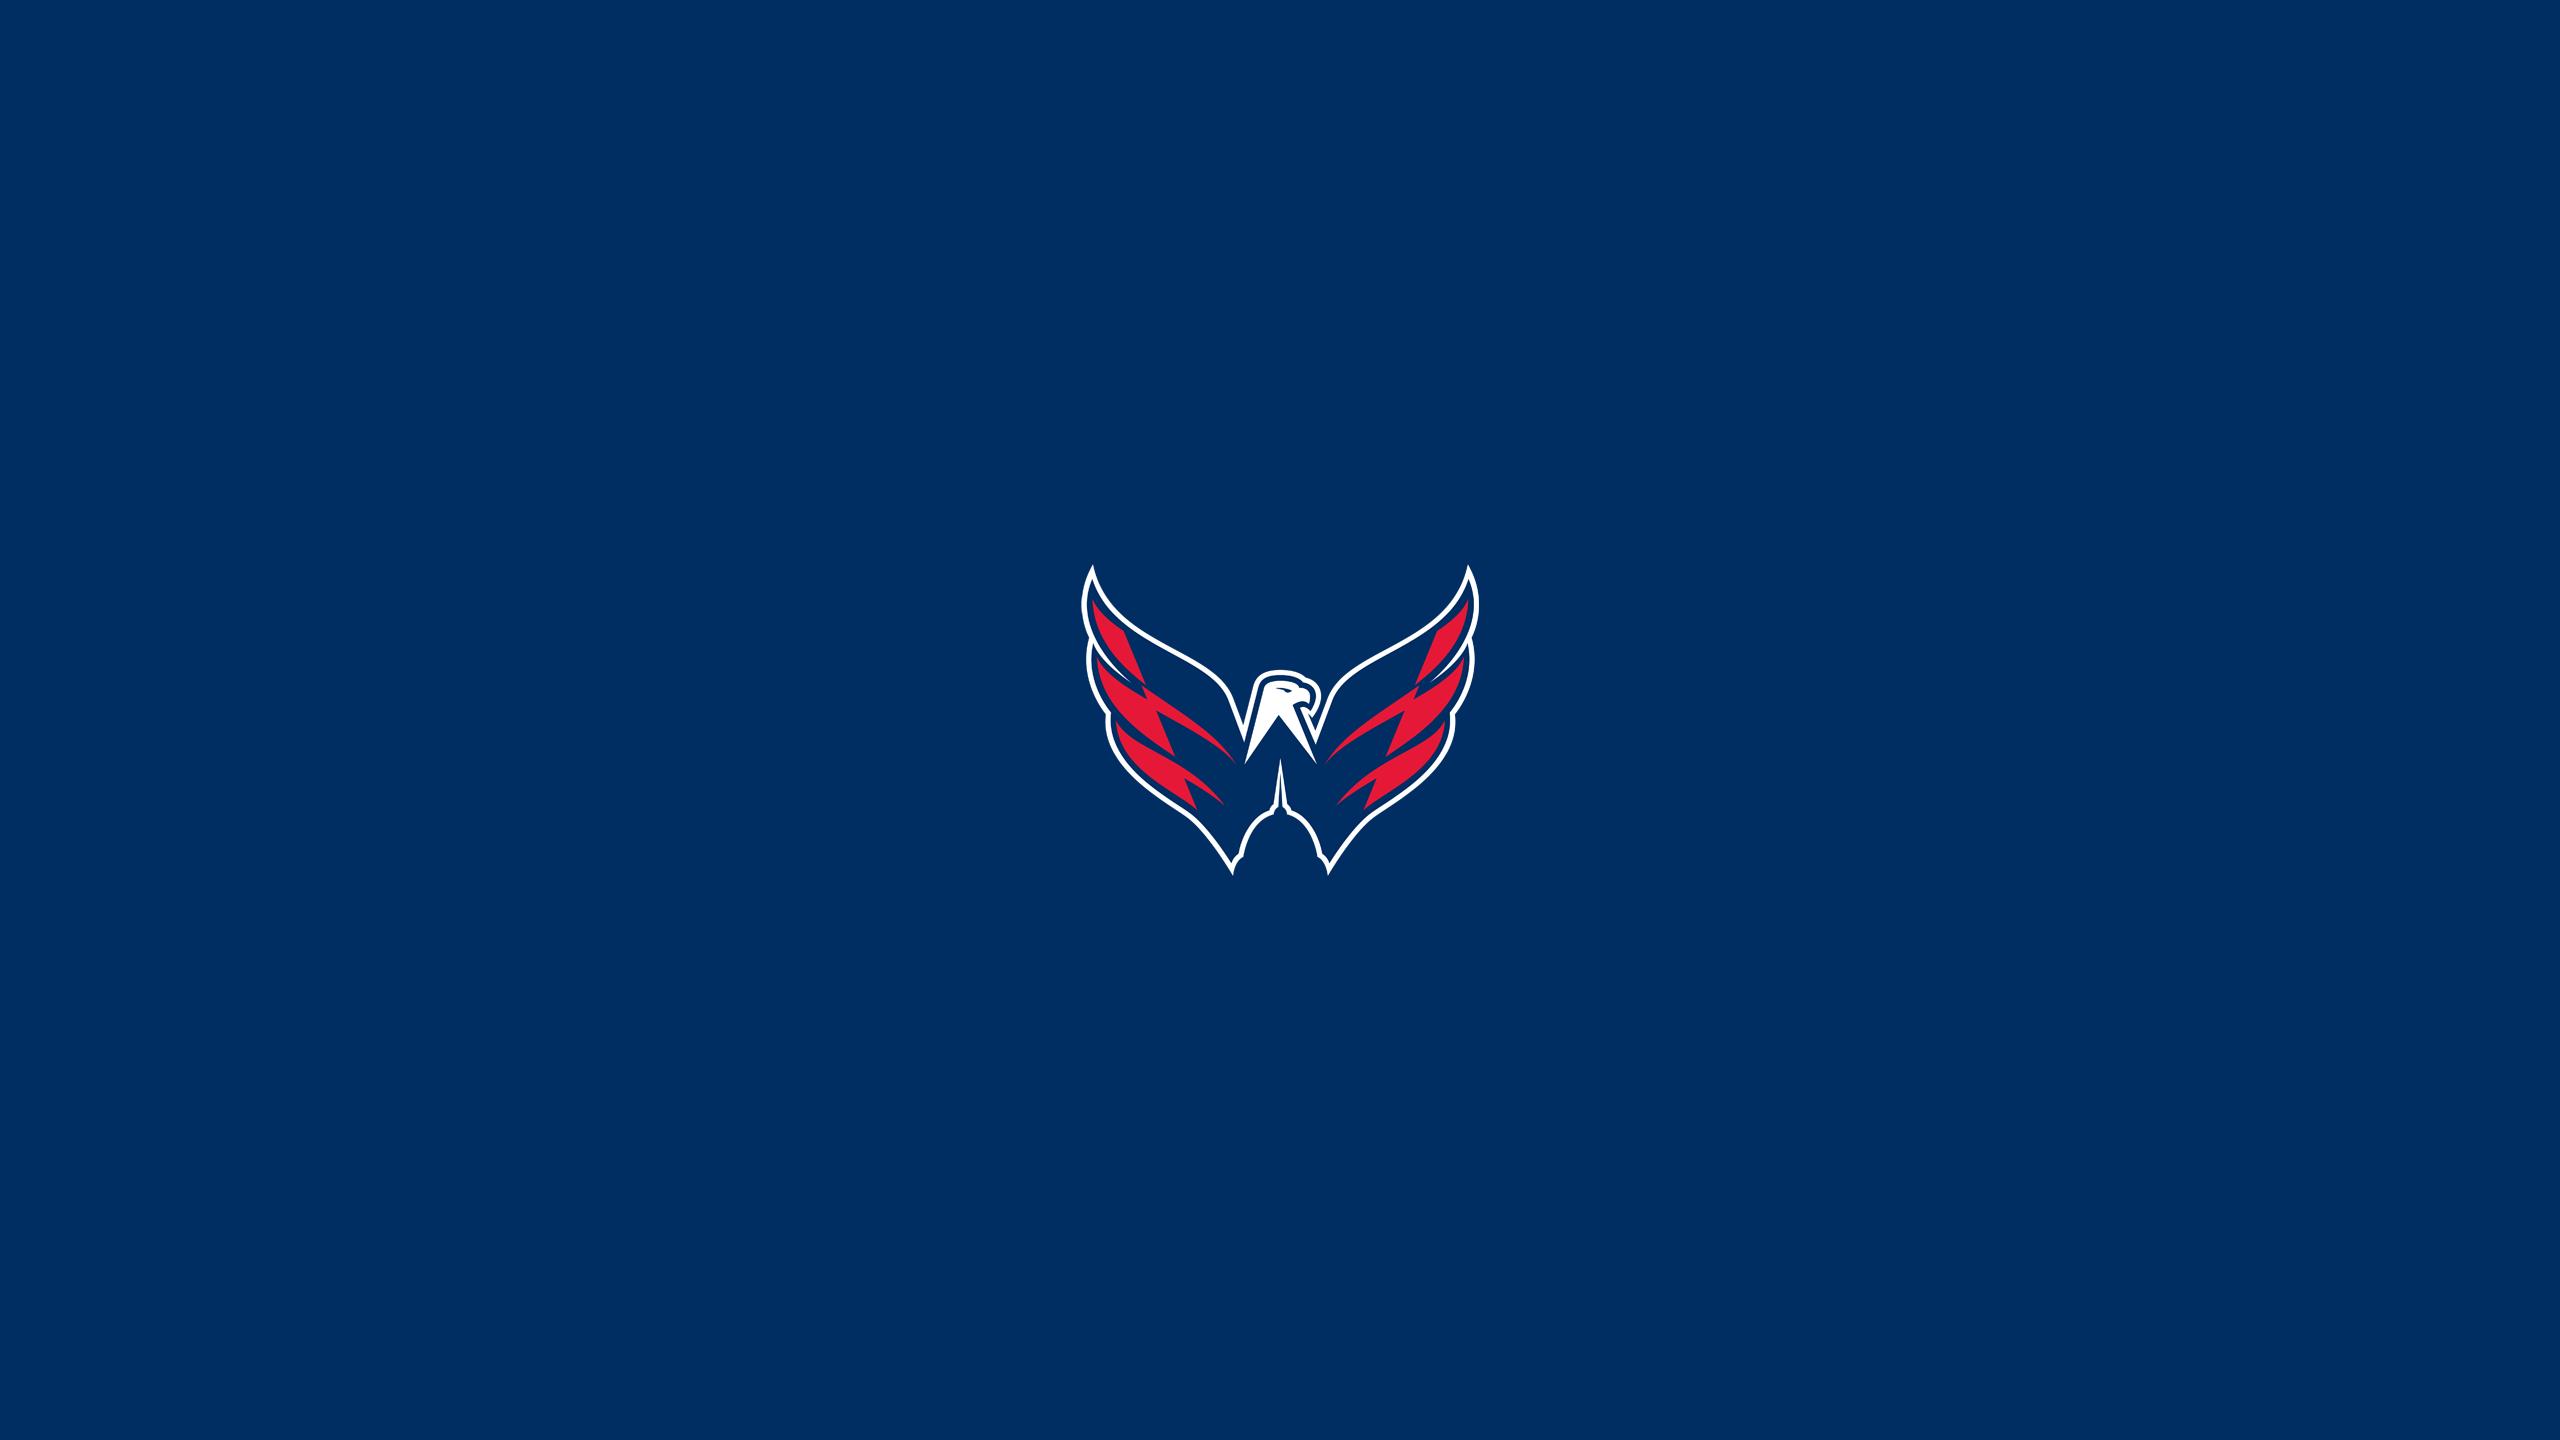 national hockey league stephen clark